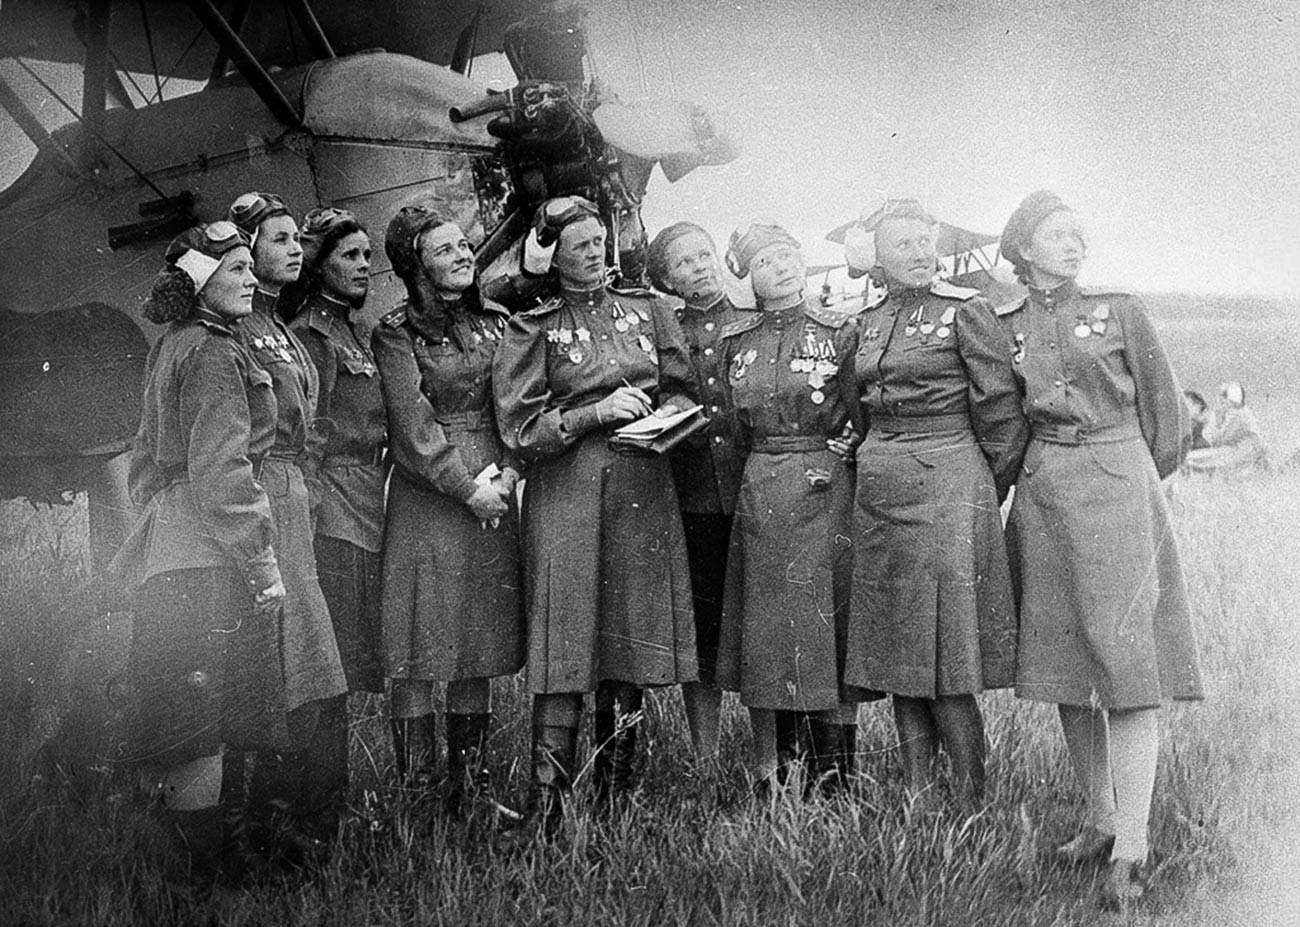 Пилоти от 46-ти гвардейски авиационен полк